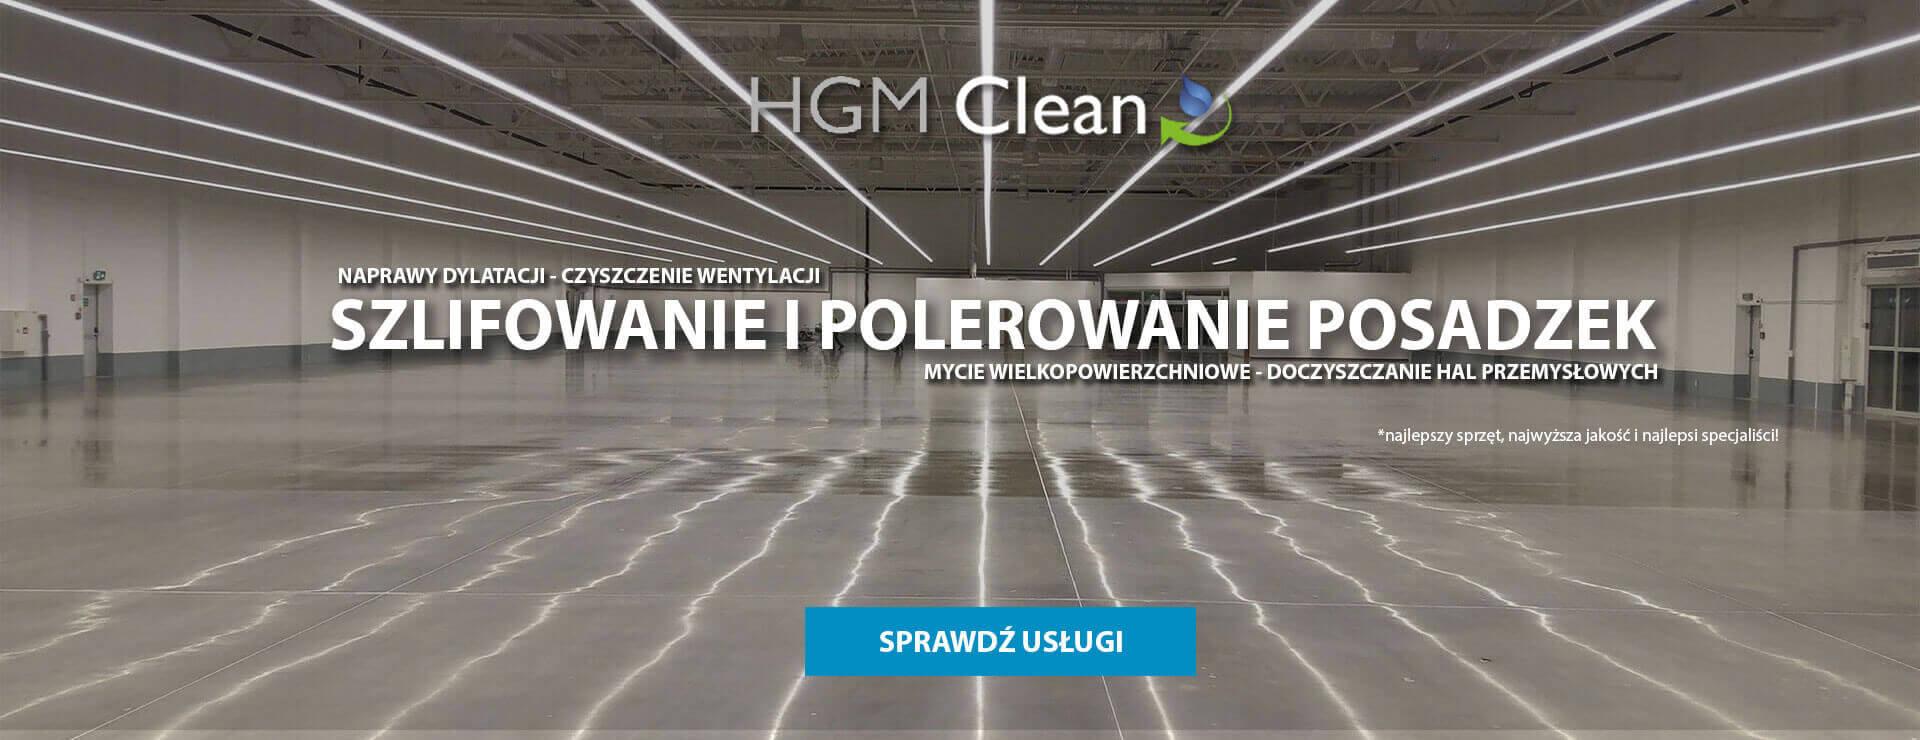 hgm clean sprawdz uslugi baner